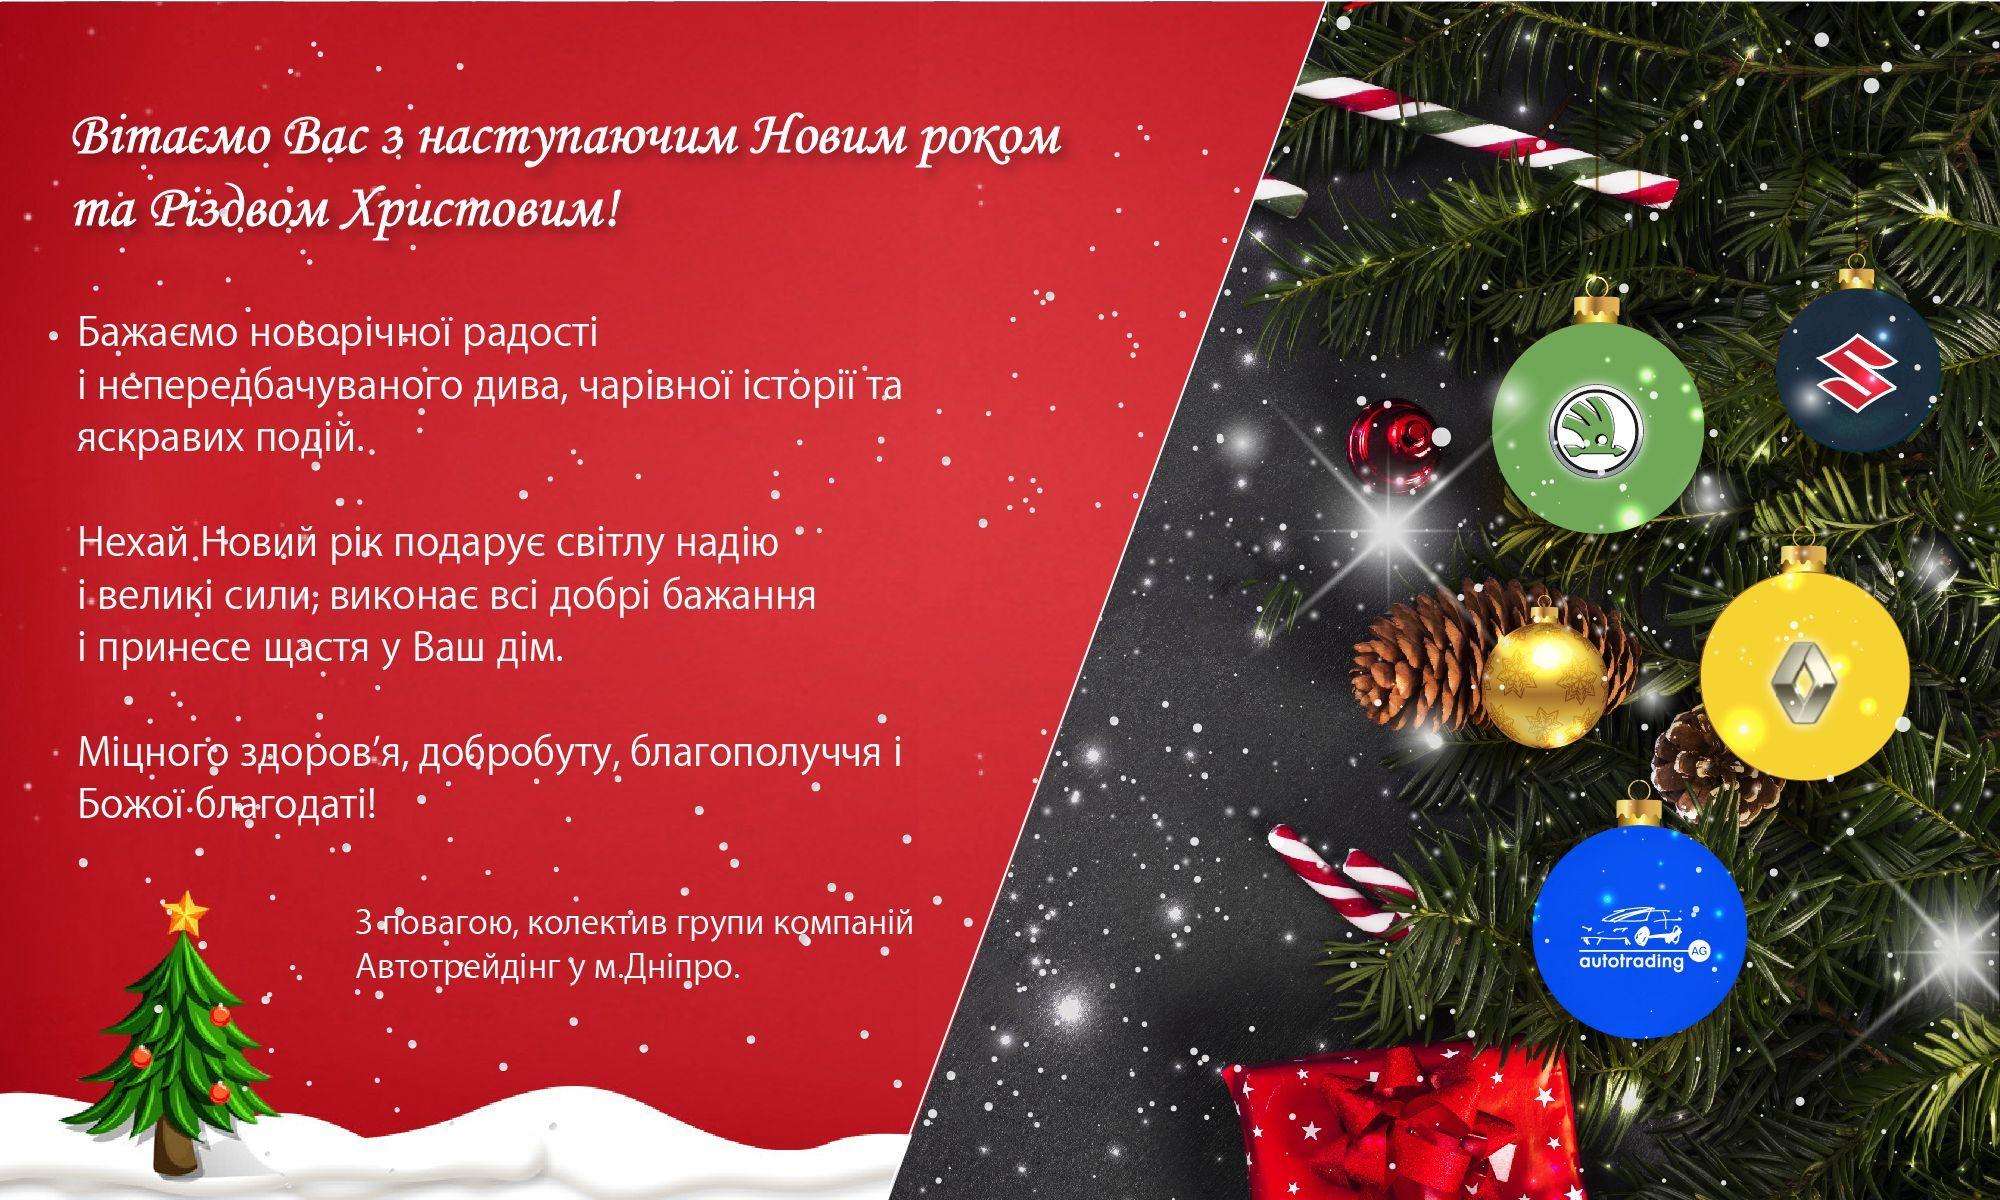 Друзі, З Новим роком та Різдвом Христовим!